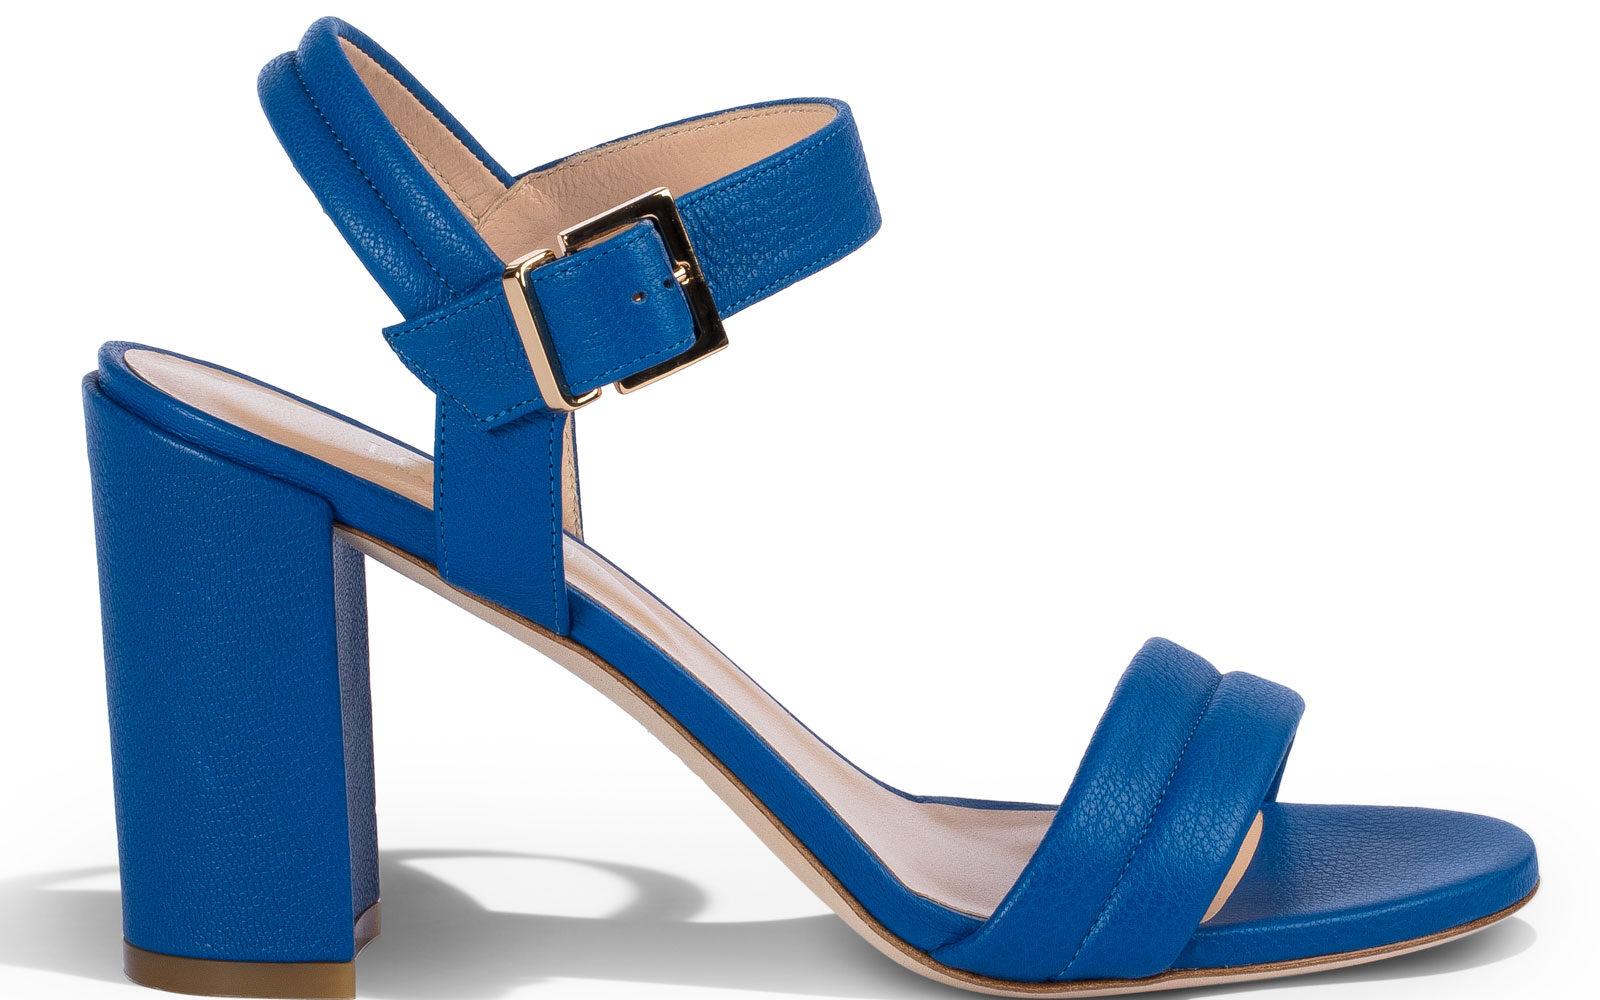 Loriblu-Sandalo-in-nappa-blu-con-cinturino-alla-caviglia-e-block-heel-335-euro